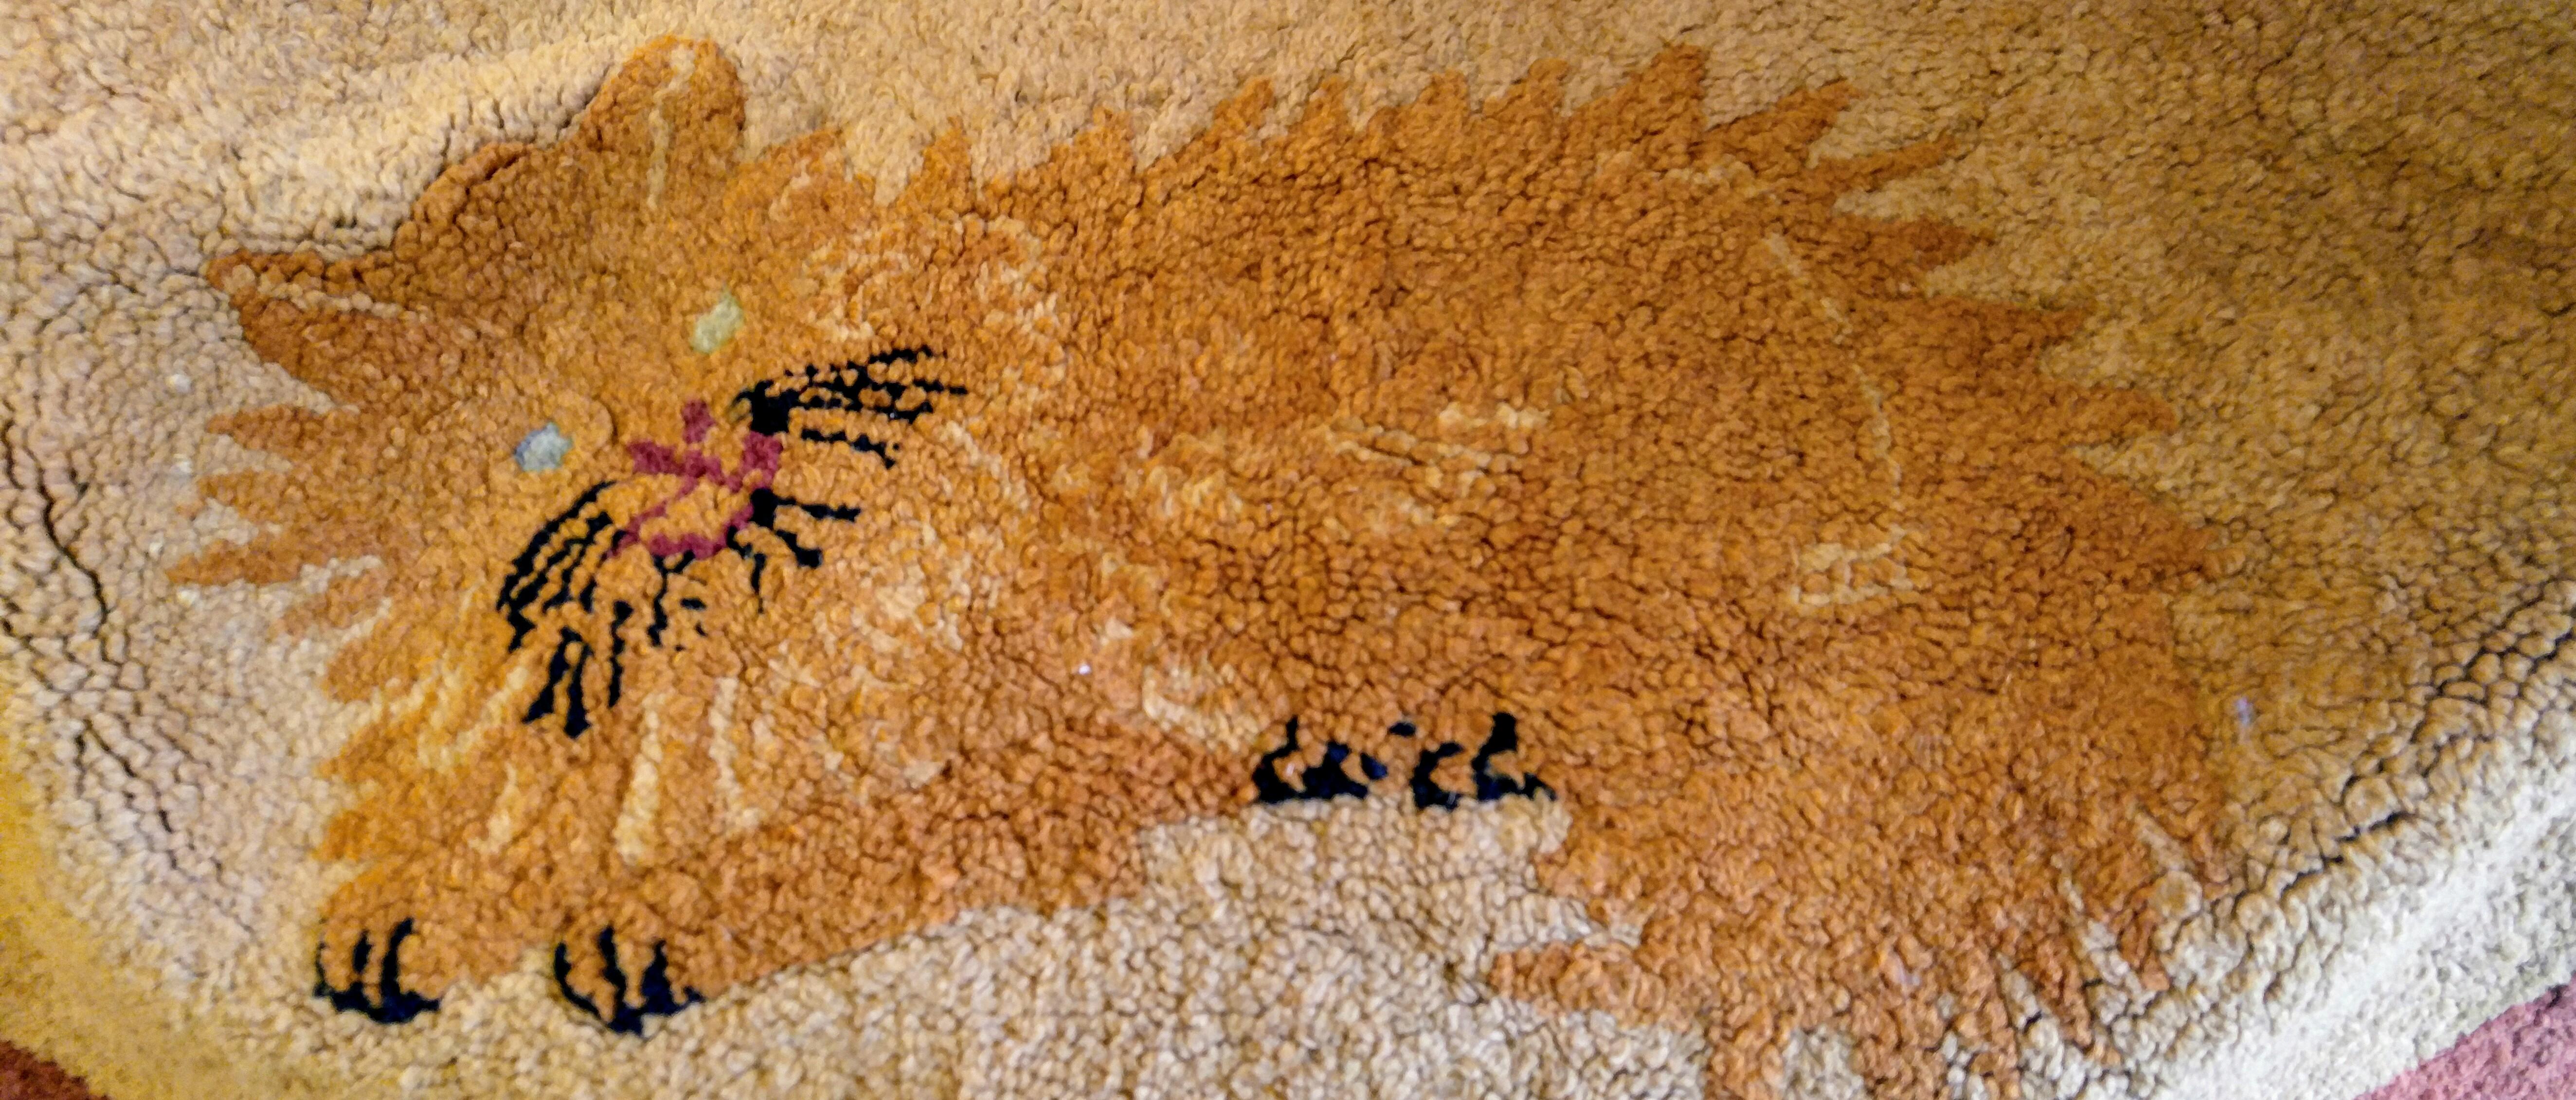 Antique Hooked Rug Ginger Cat Orange Cat, Antiques Fort Worth